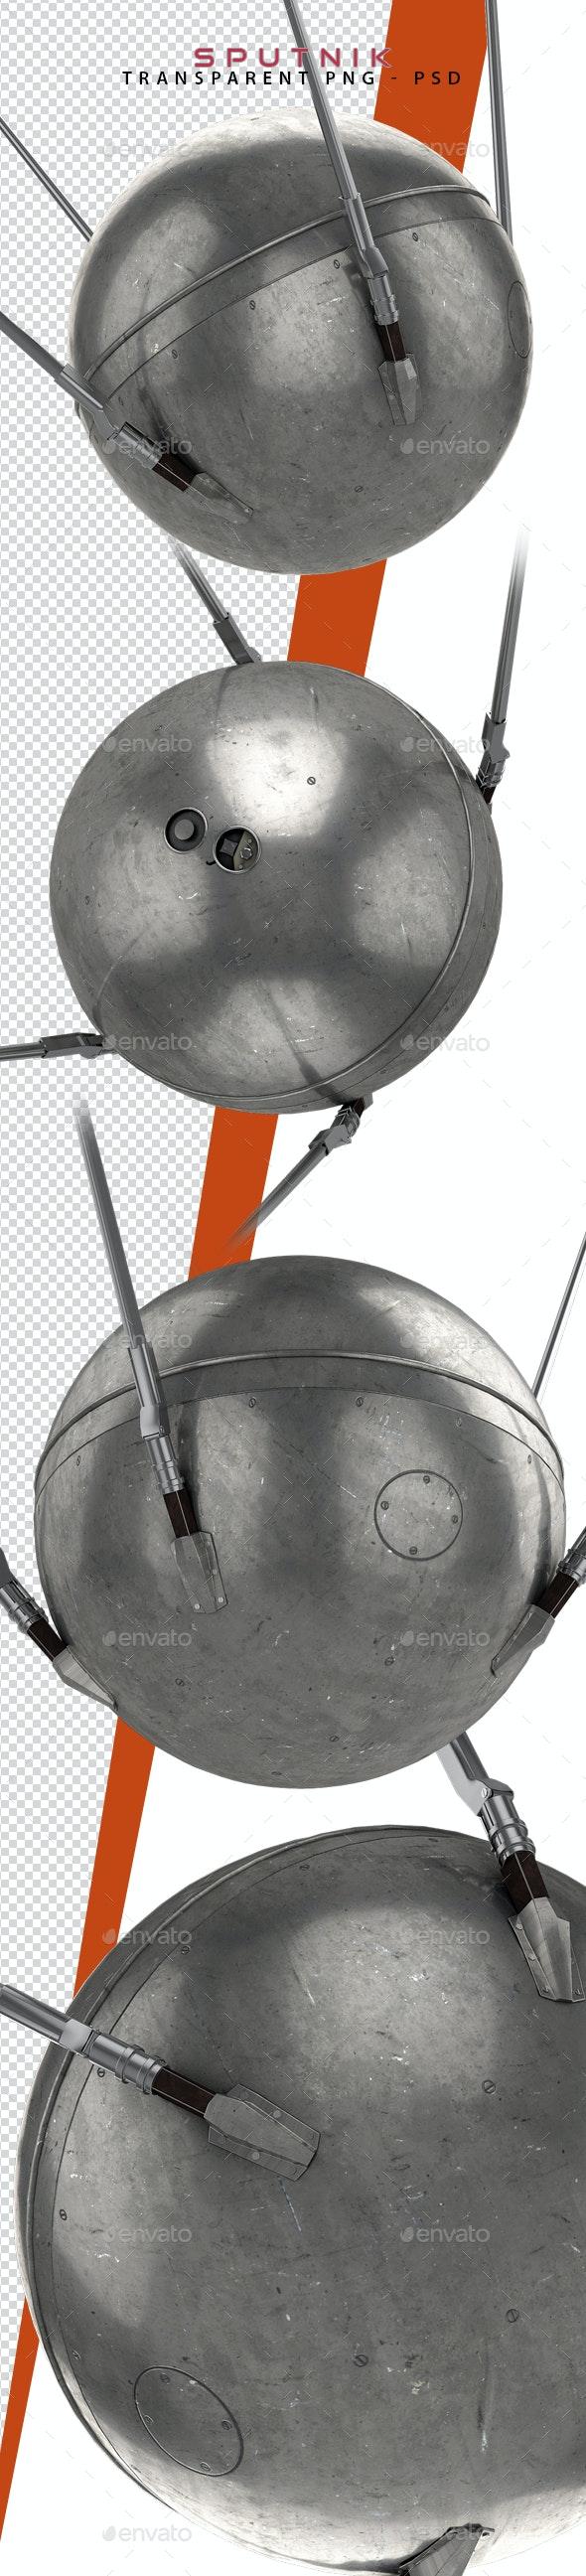 Sputnik Satellite 3D Renders - Objects 3D Renders